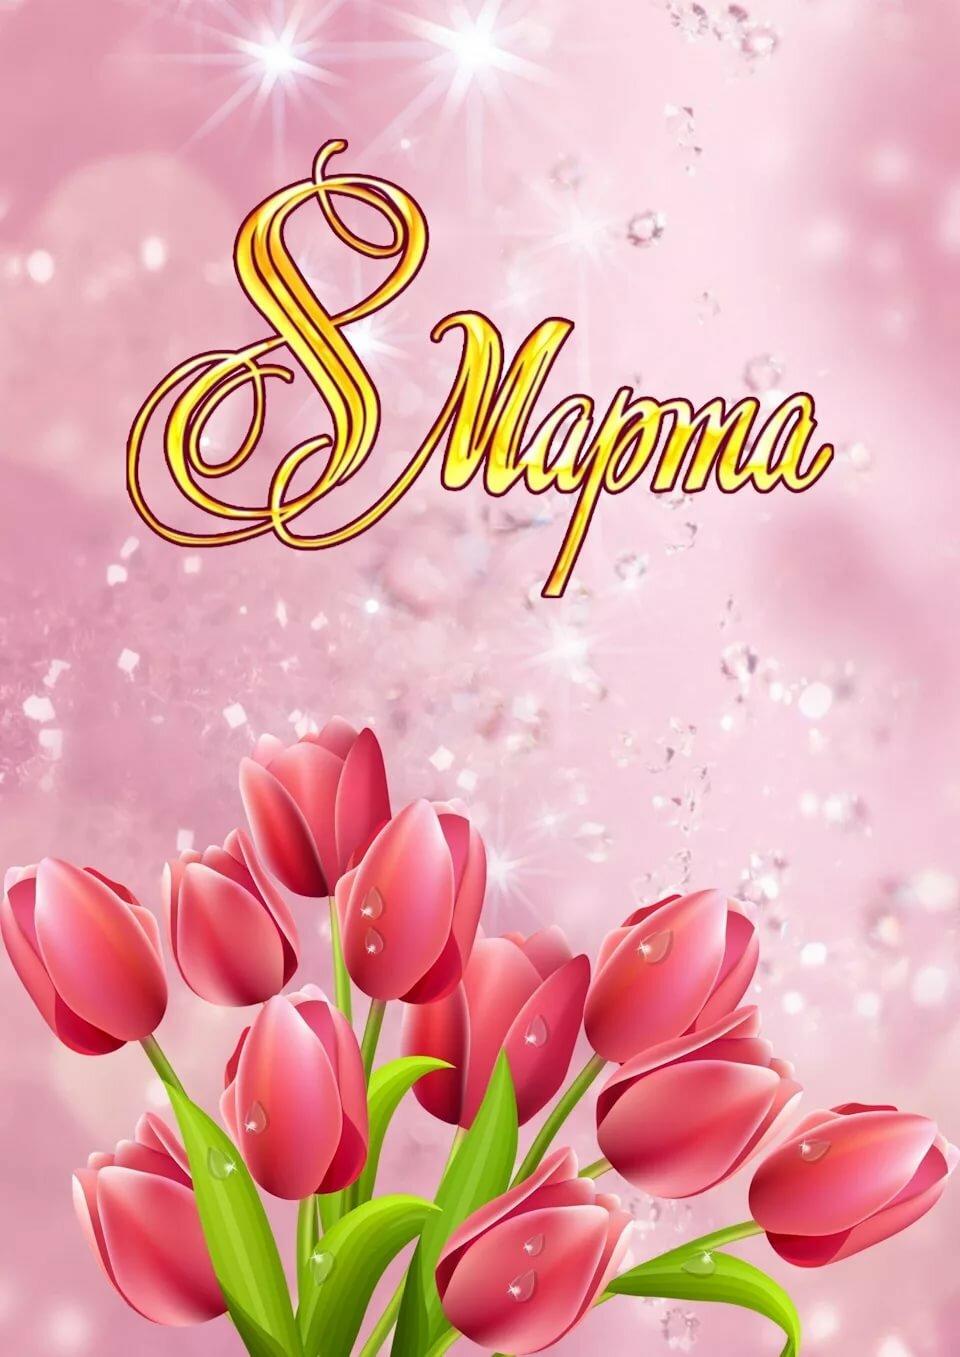 открытка с праздником восьмое марта копирование использование